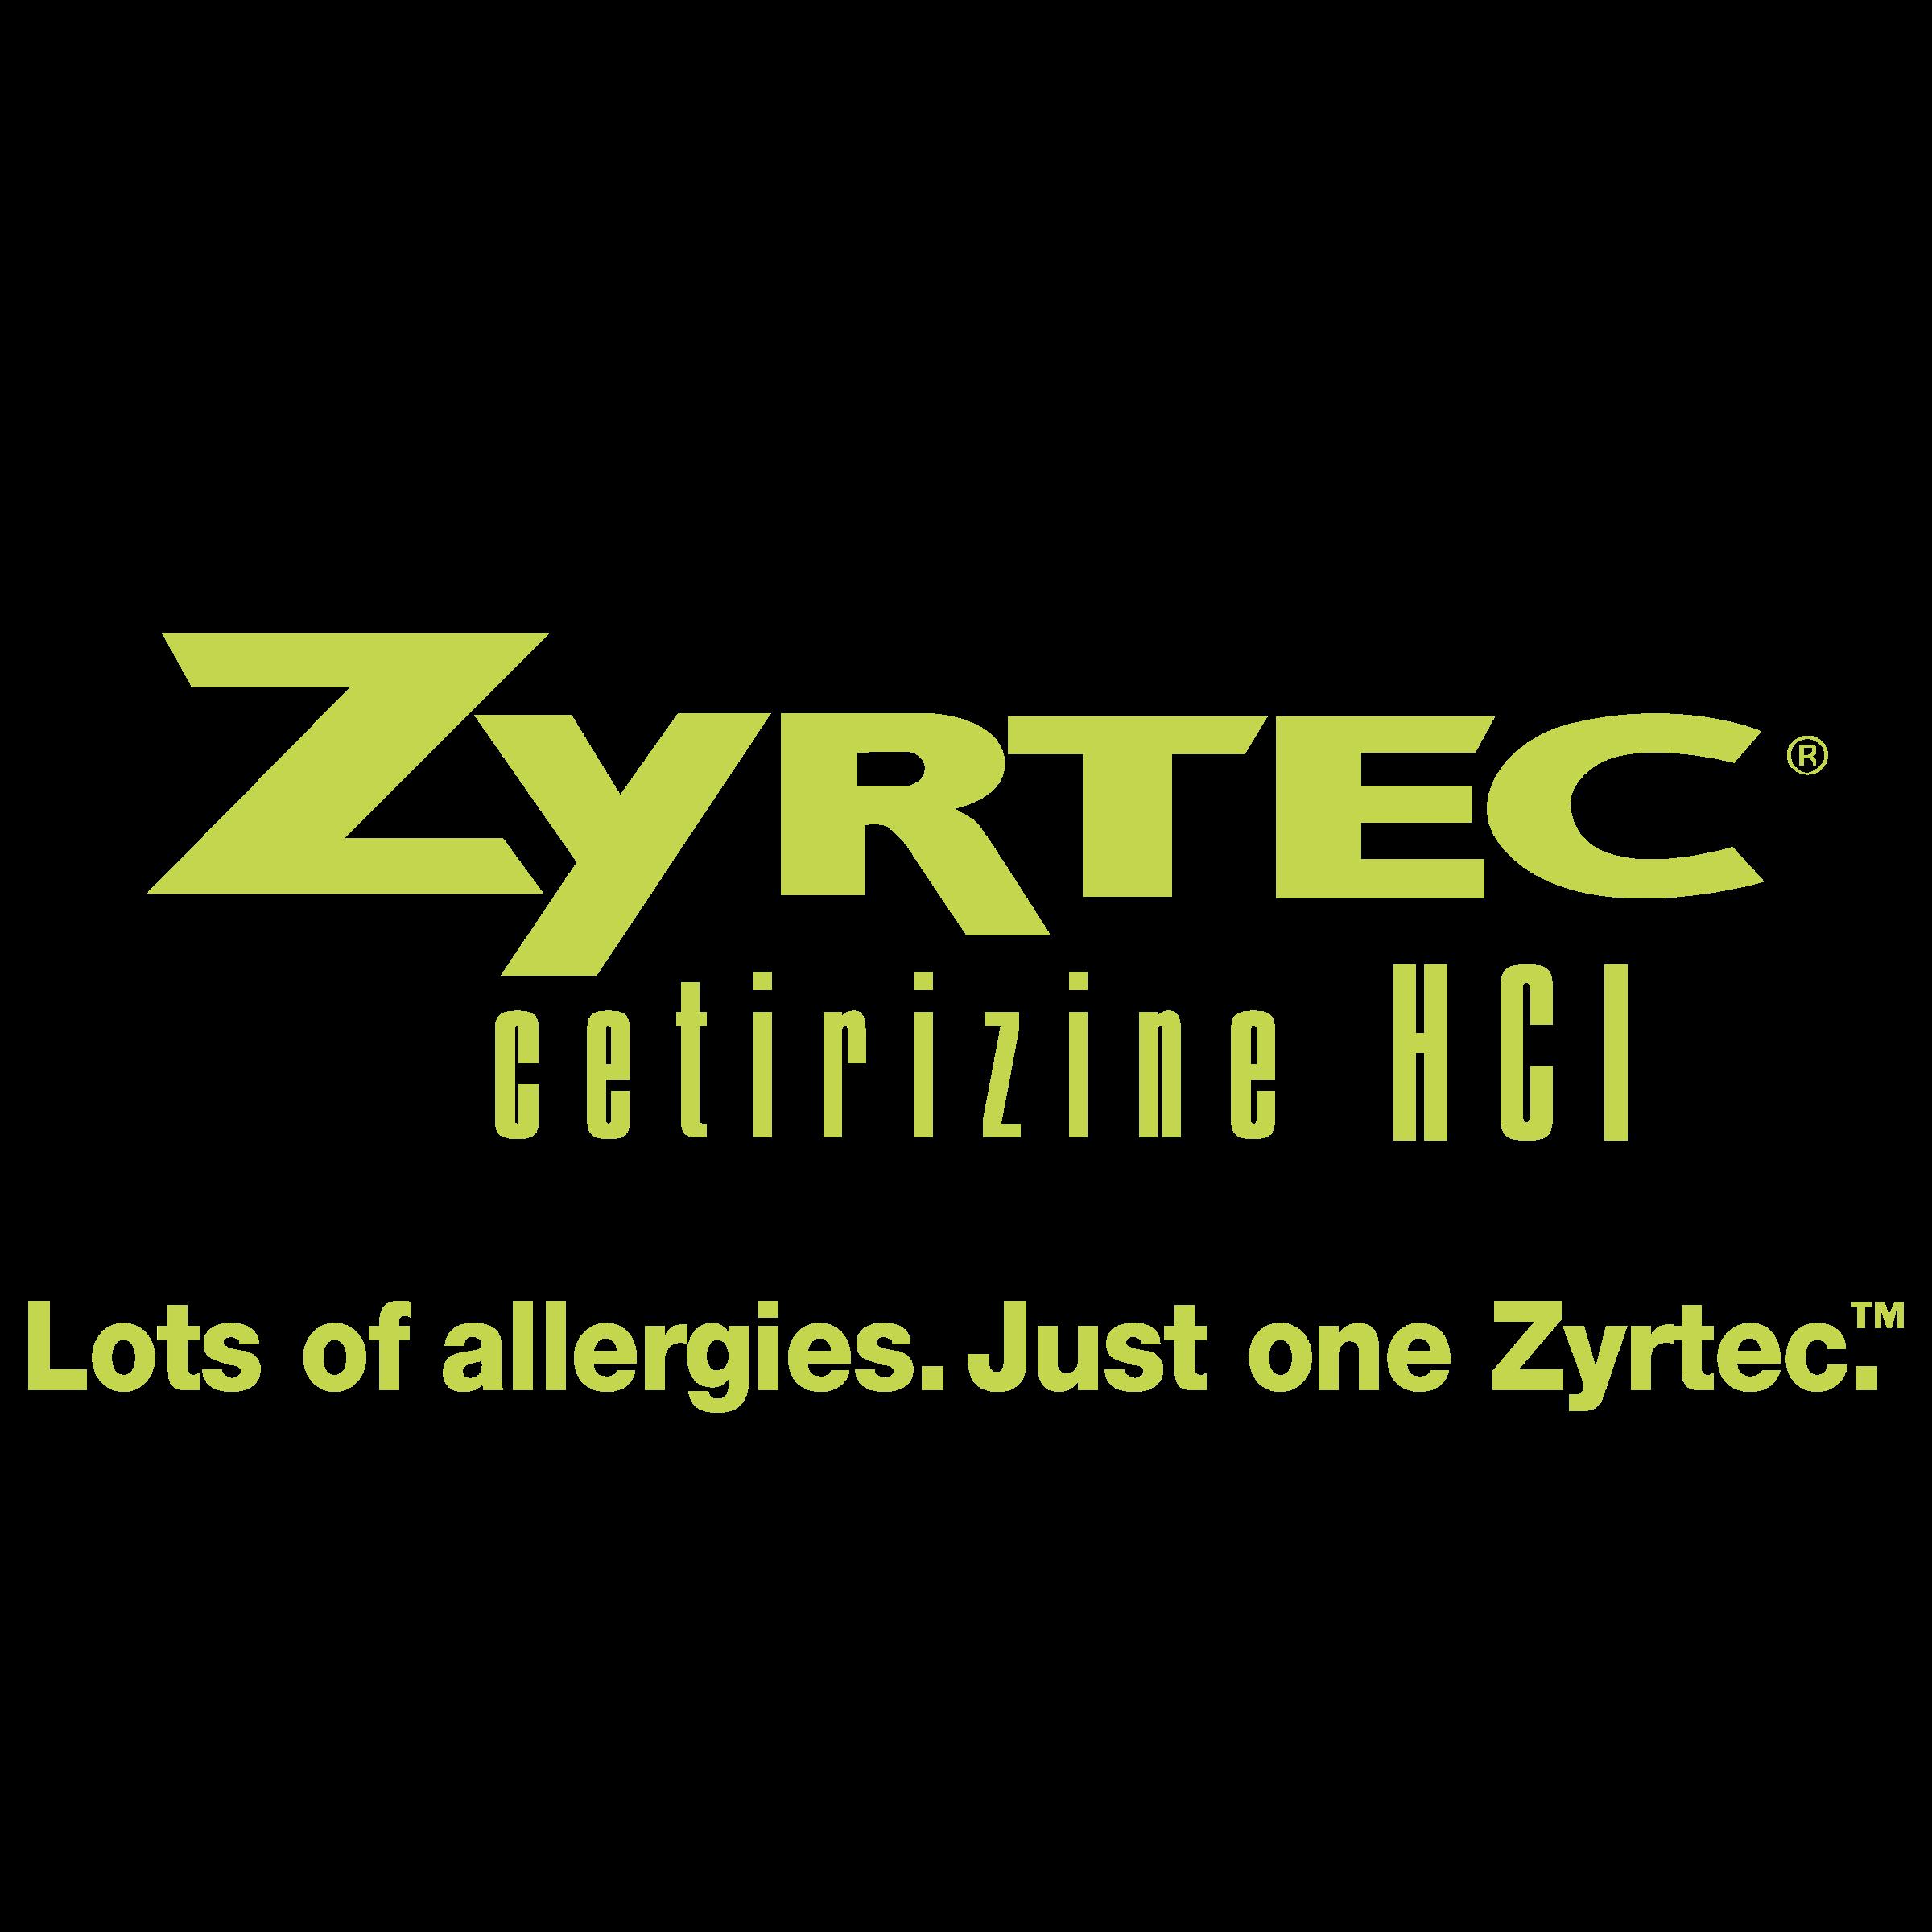 Zyrtec Logo PNG Transparent & SVG Vector.